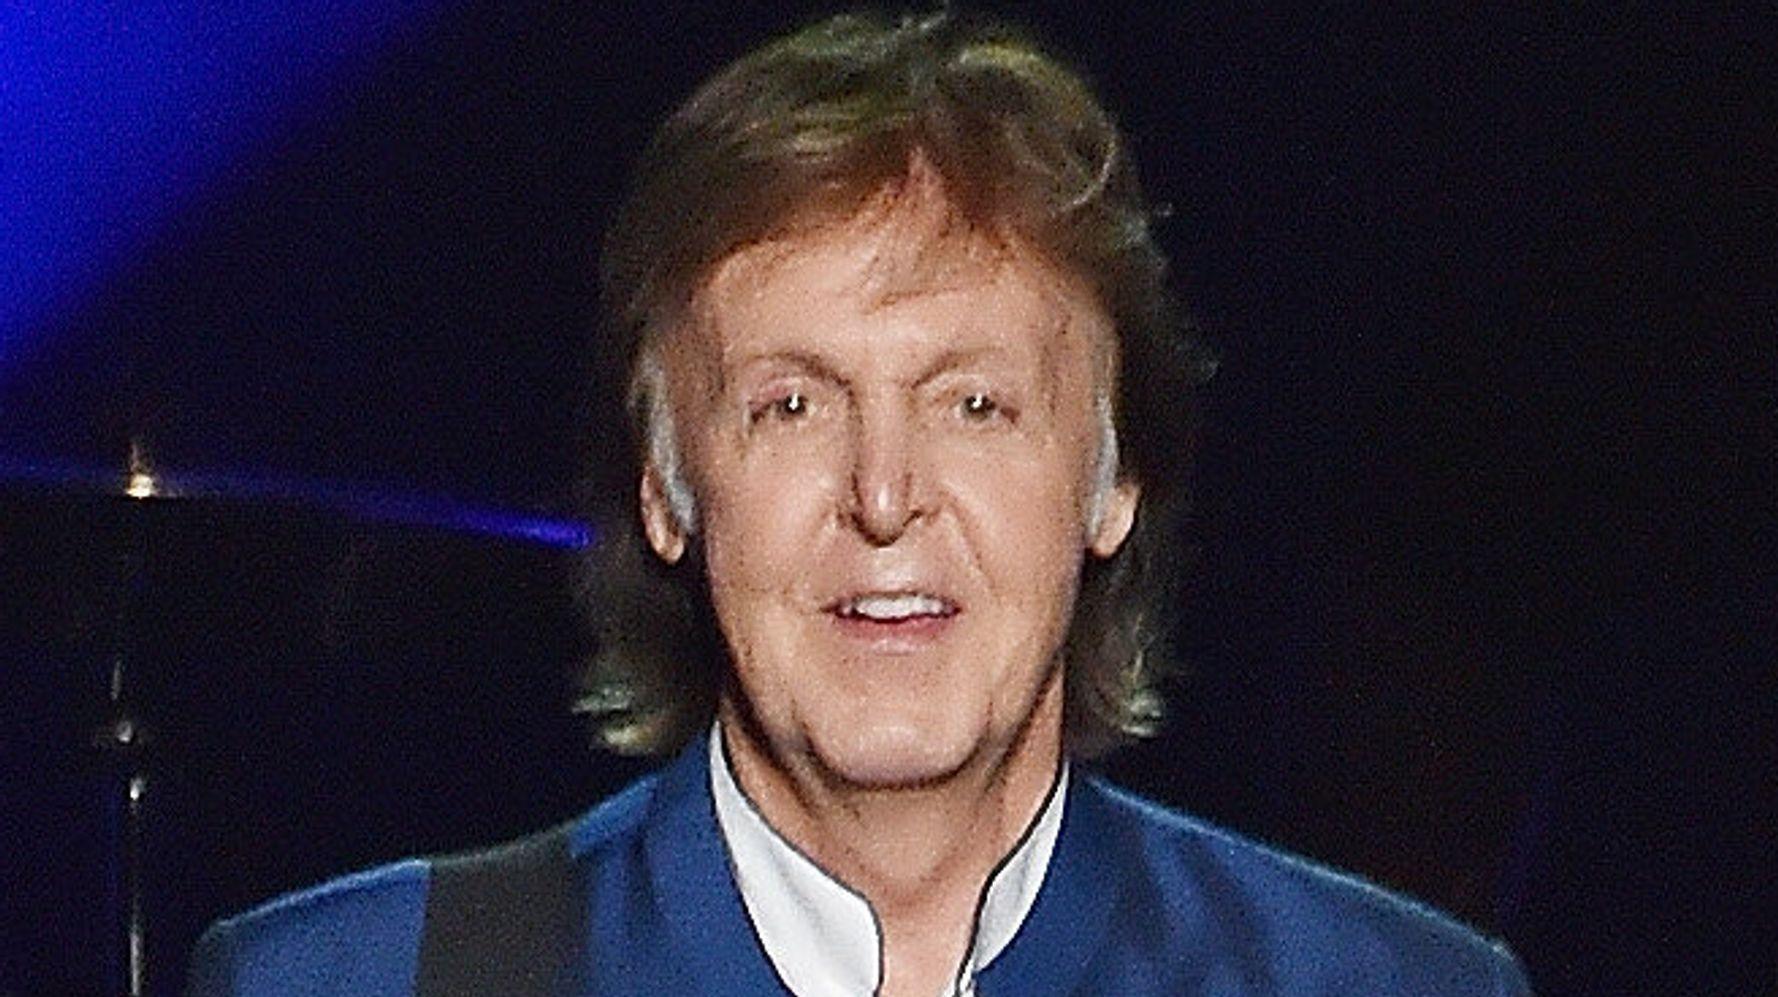 Пол Маккартни раскрывает лейбл, который он ненавидел со времен Beatles